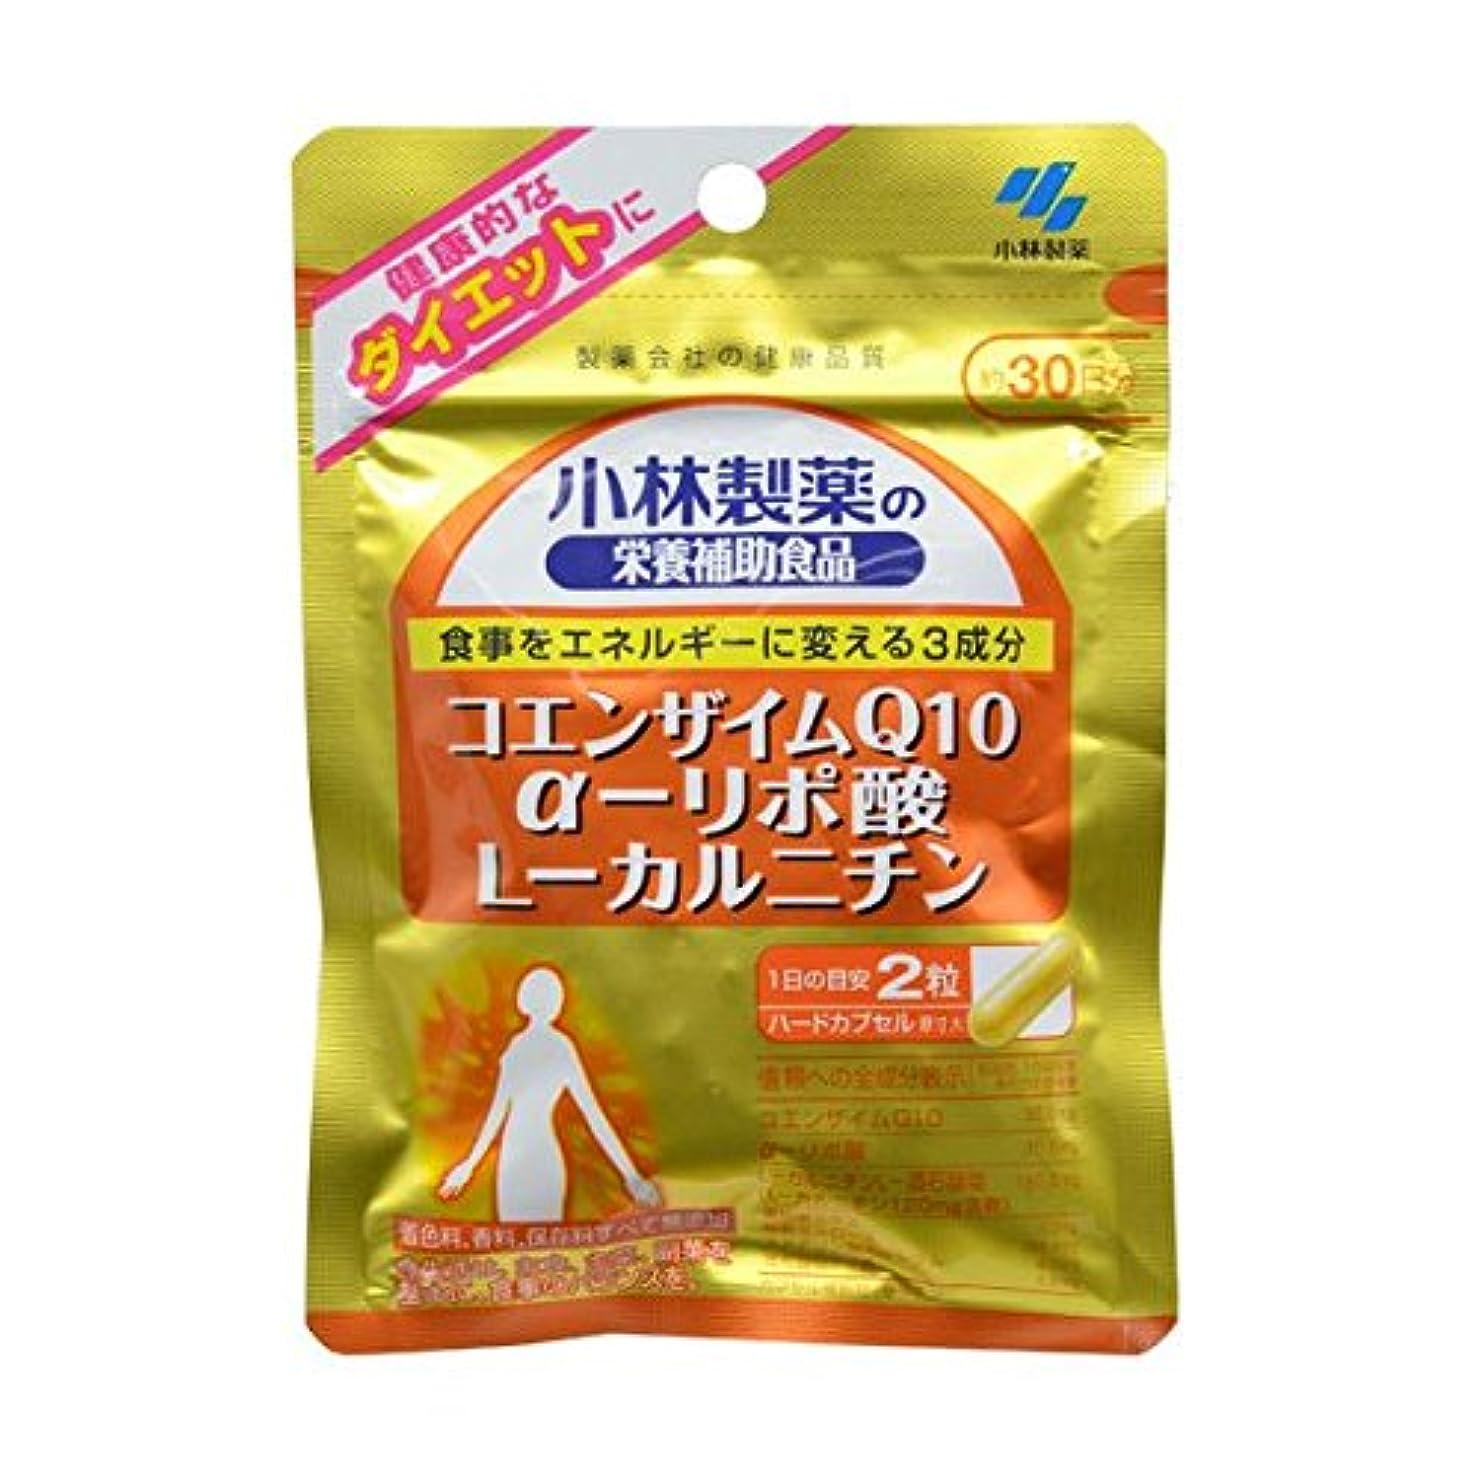 用心深い教え工夫する小林製薬 小林製薬の栄養補助食品コエンザイムQ10α-リポ酸L-カルニチン60粒×2